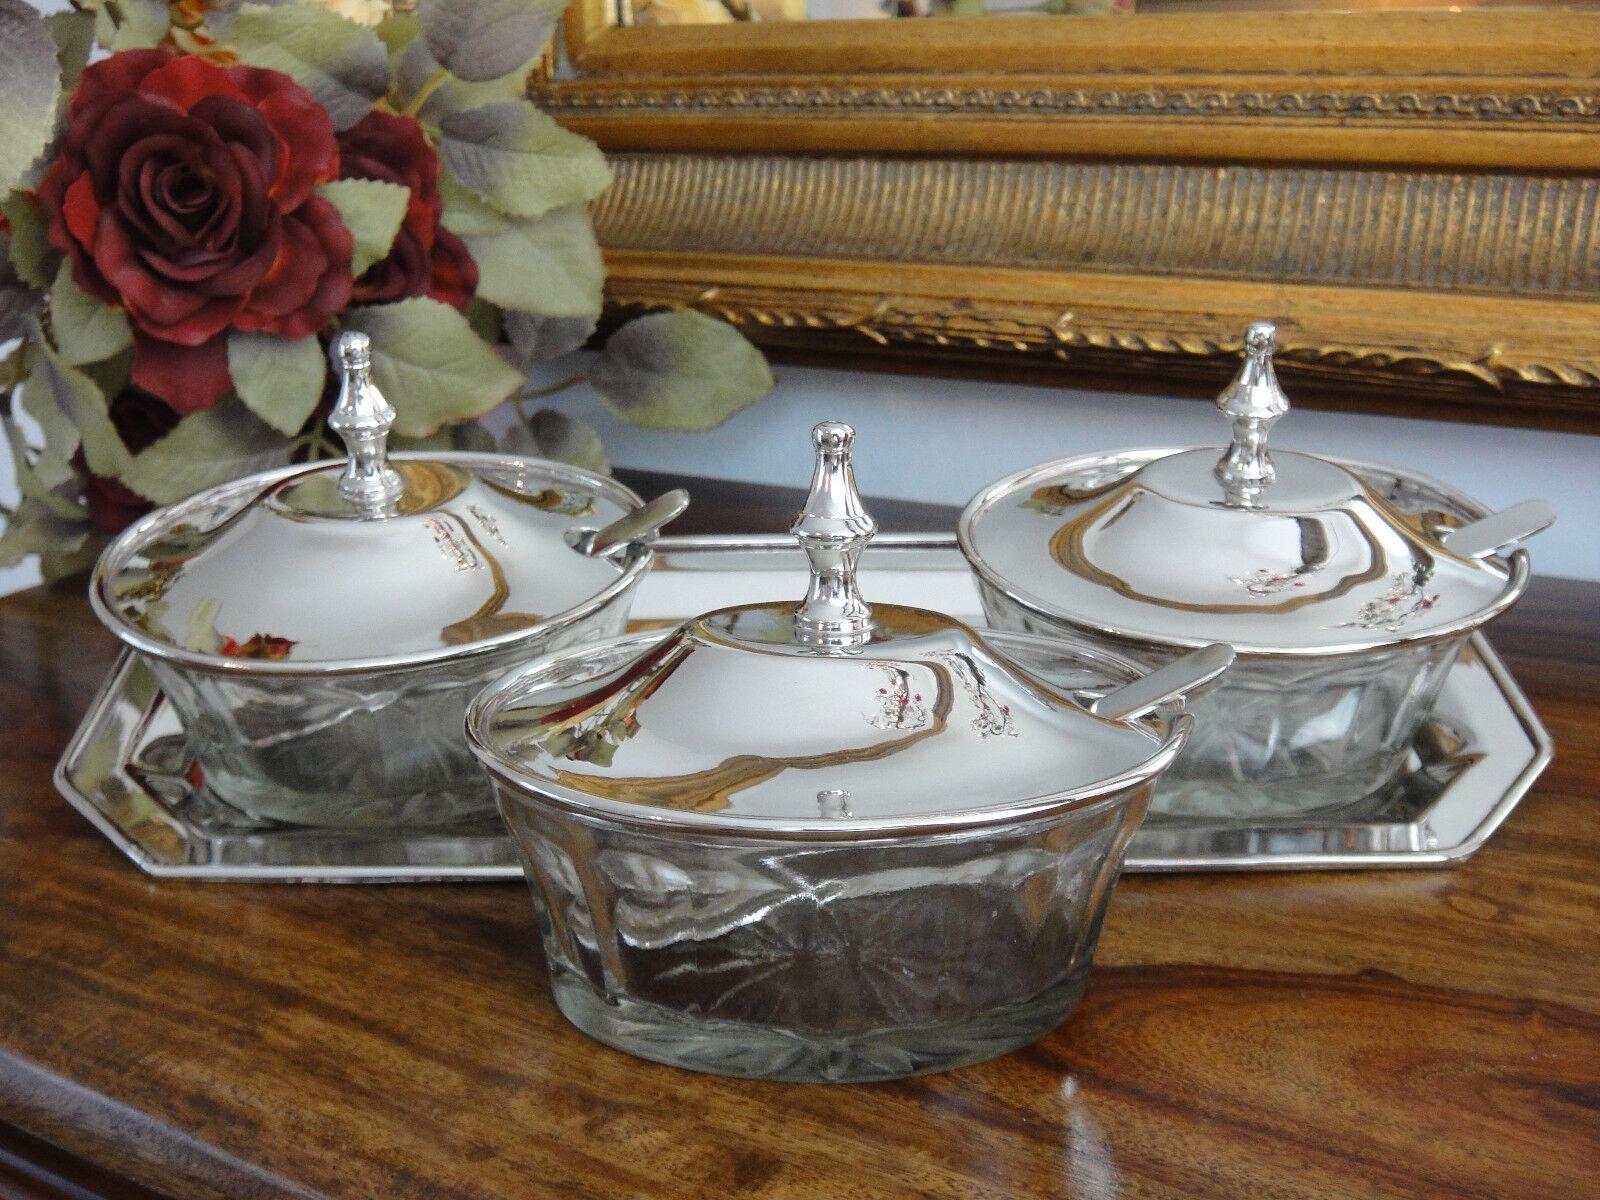 Tapas plato de set marmeladendose kaviardose dip vidrio plata Antik Jugendstil